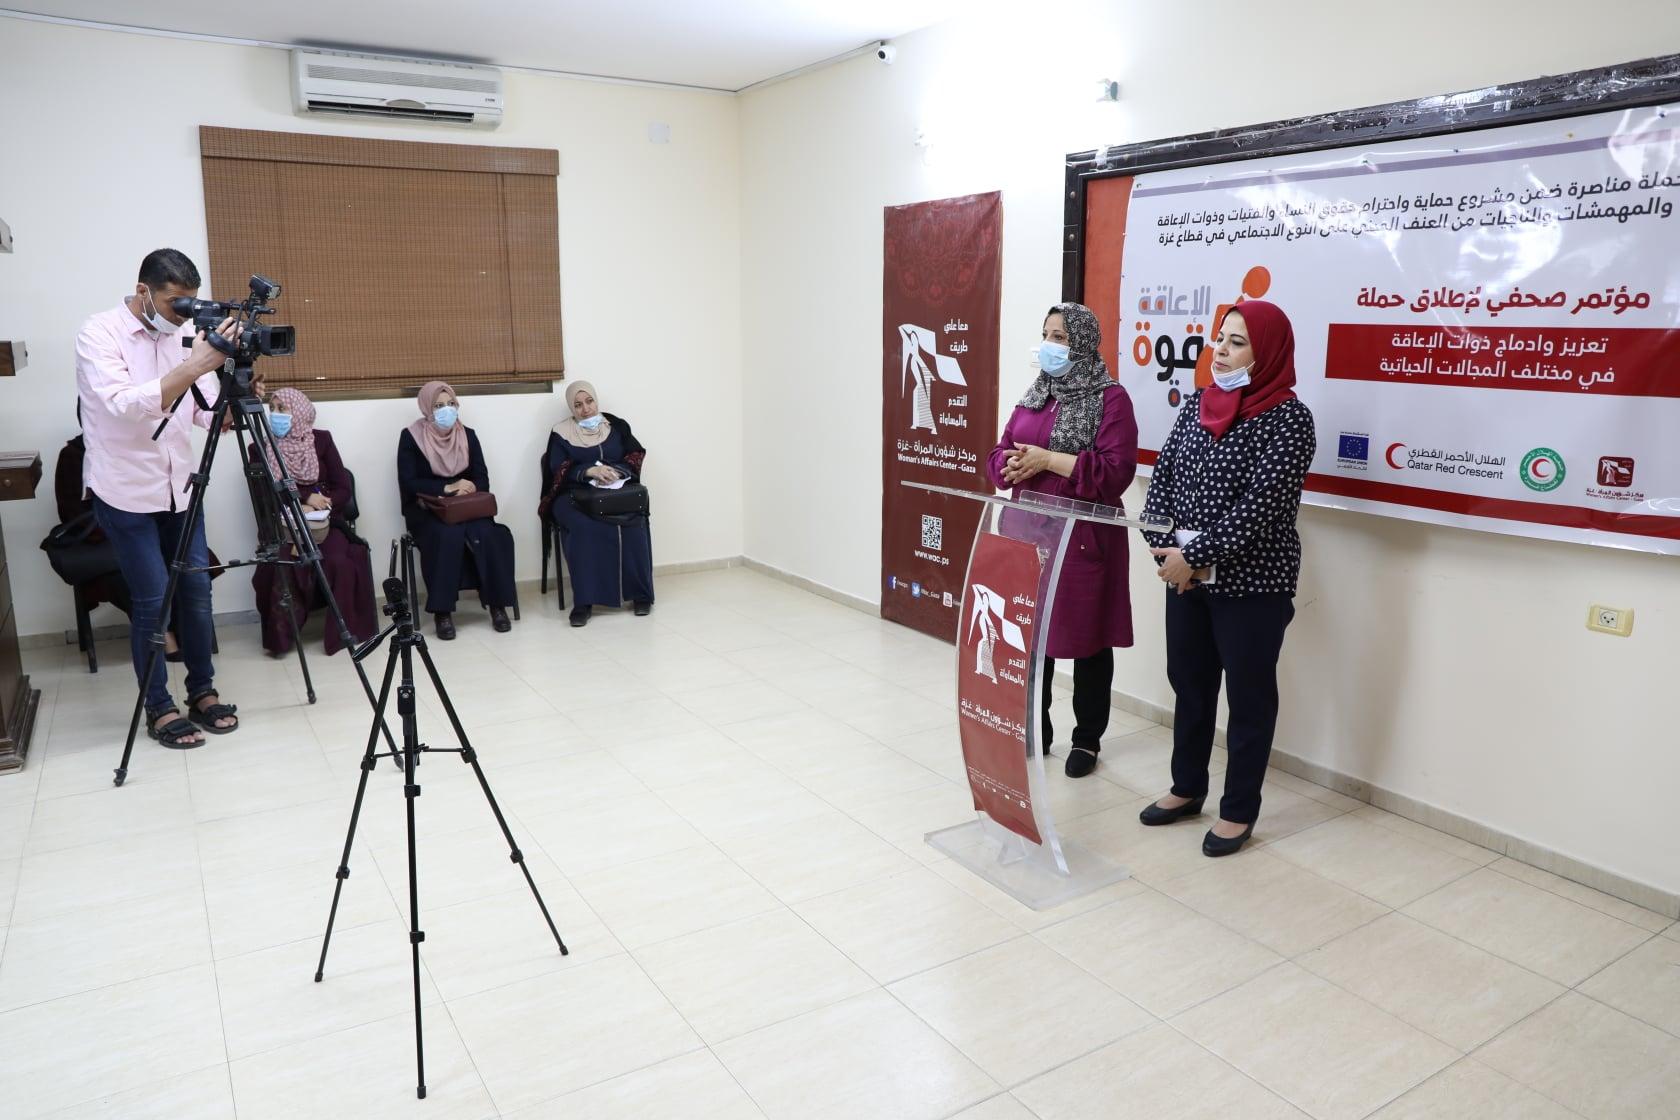 مركز شؤون المرأة يطلق حملة مناصرة لذوات الإعاقة.